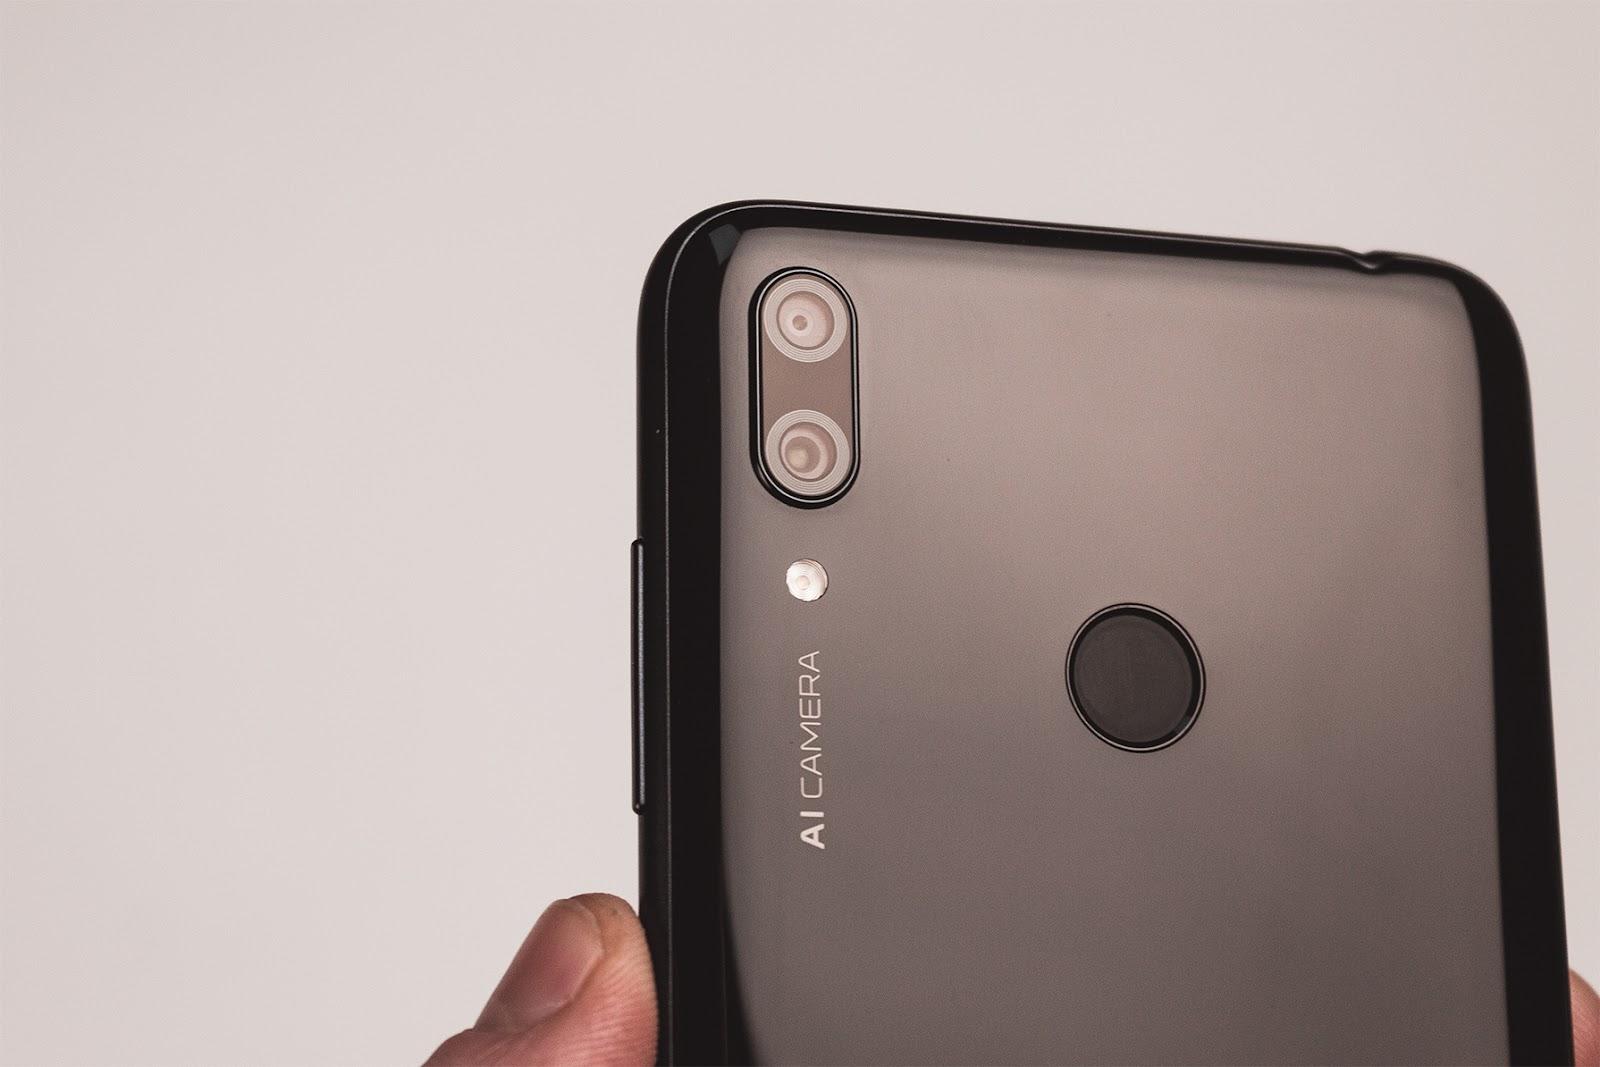 Huawei Y7 2019 VS Xiaomi Redmi Note 6 Pro